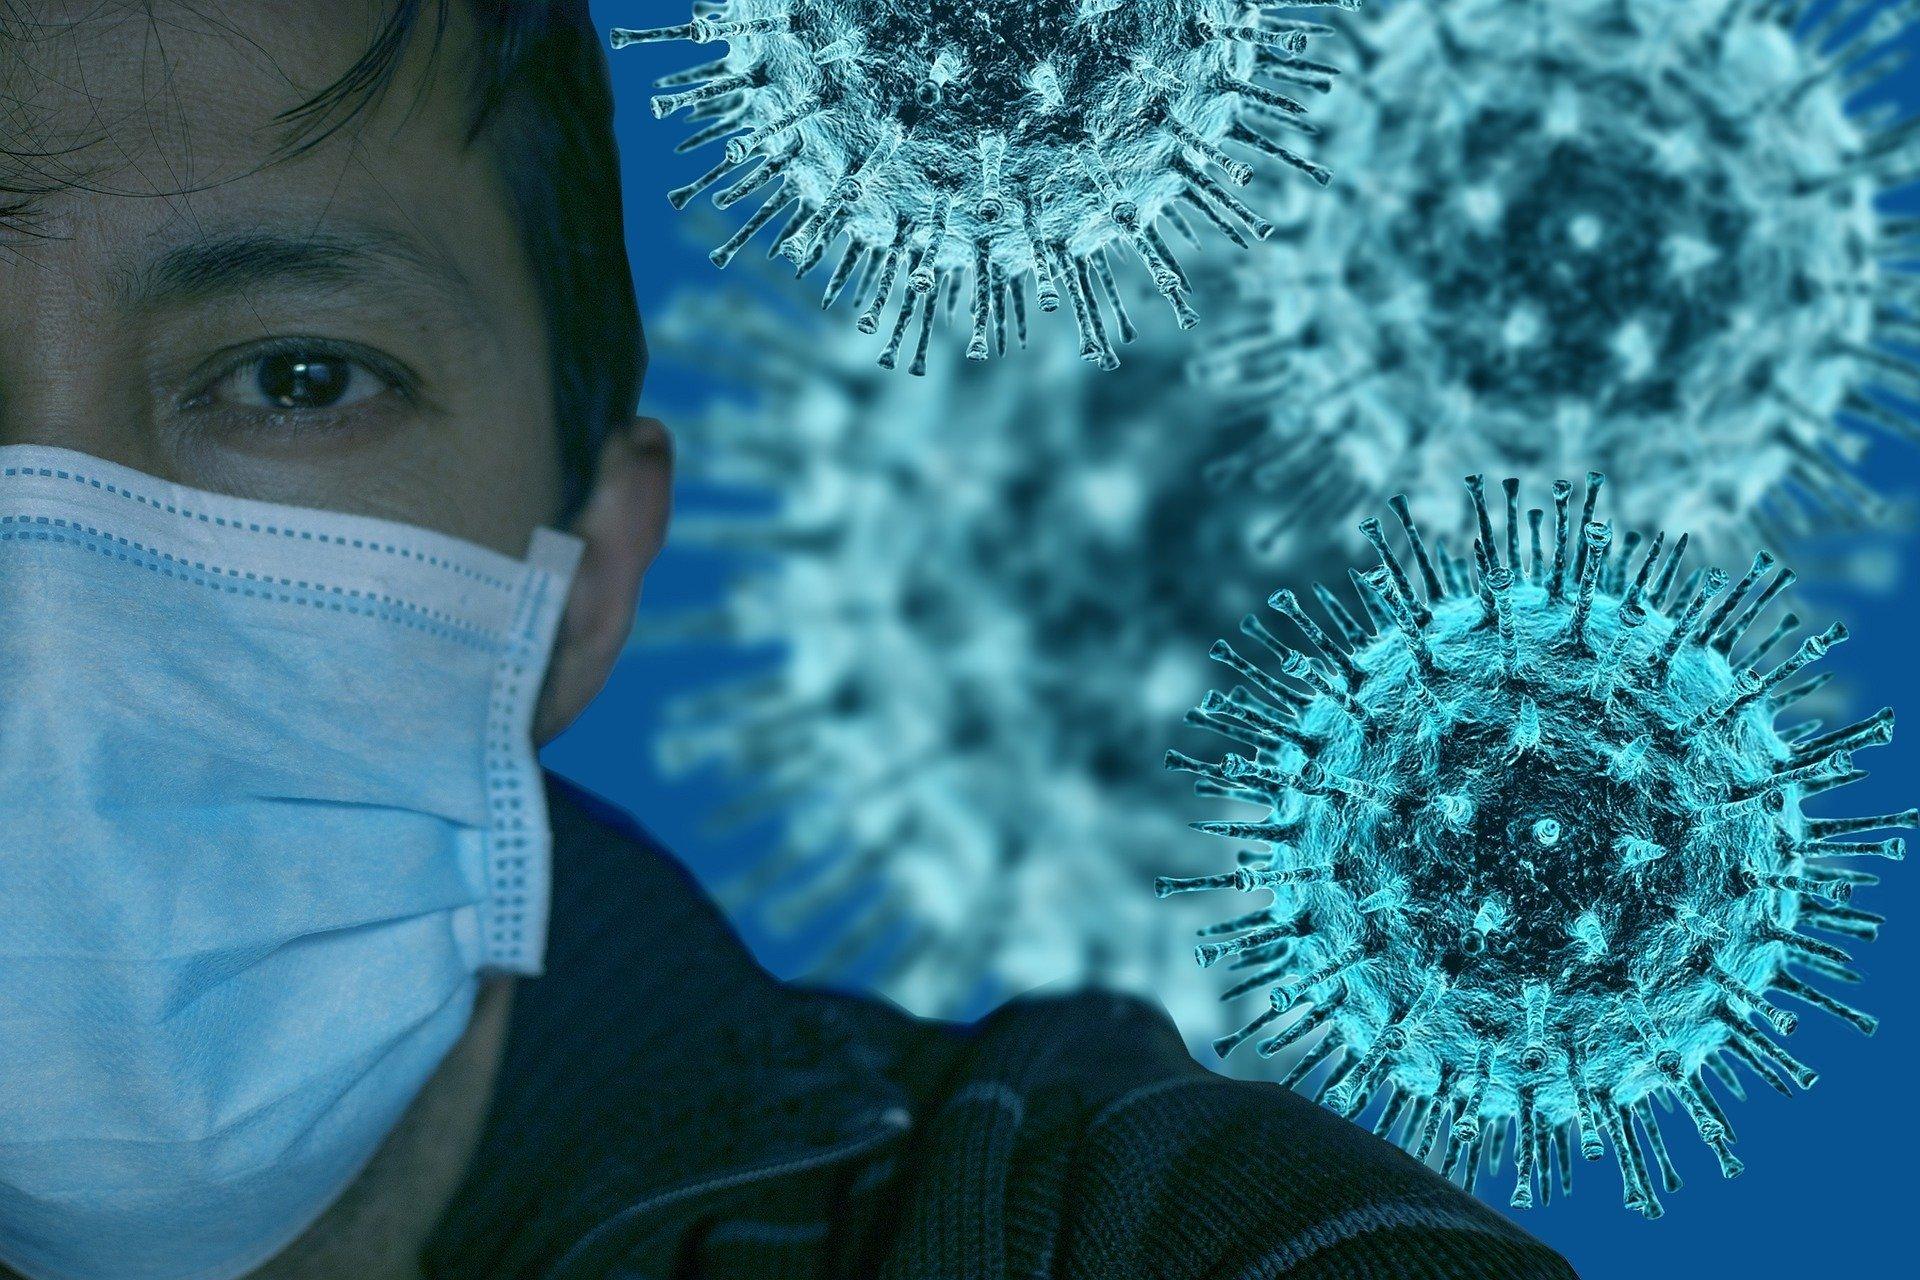 За год коронавирус мутировал в 7 различных штаммов